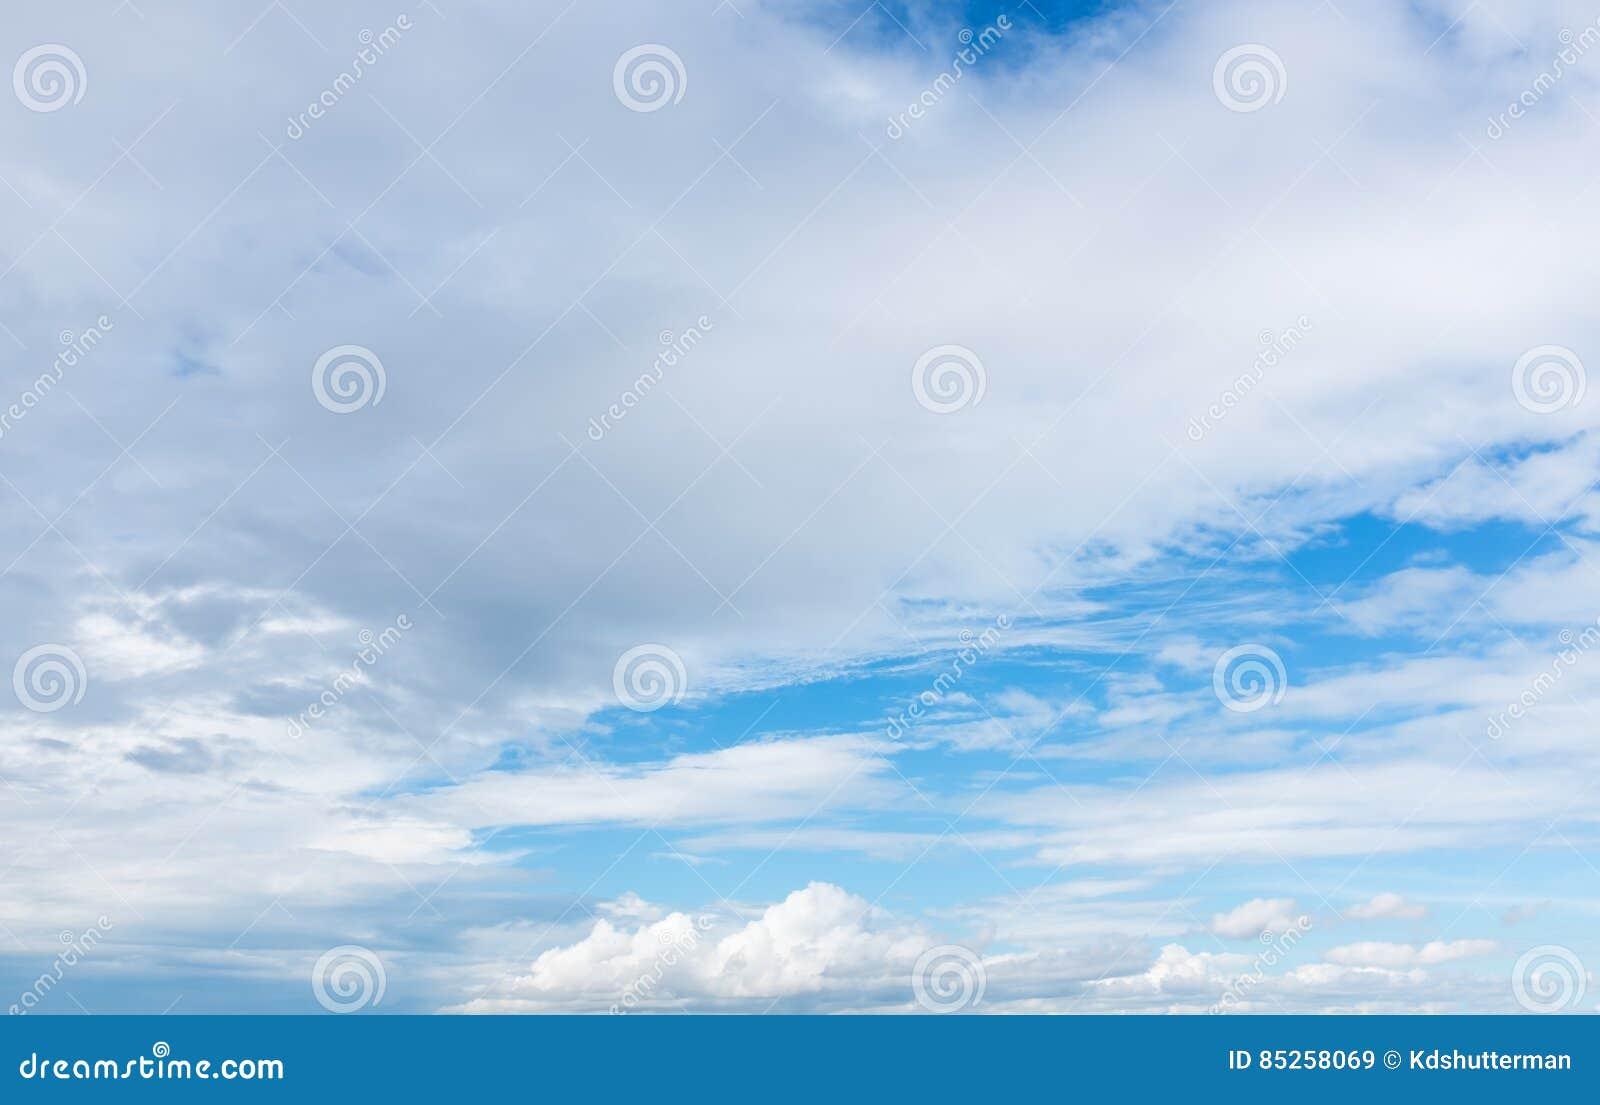 Schöner blauer Himmel mit bewölktem Feld des grünen Grases gegen einen blauen Himmel mit wispy weißen Wolken draußen